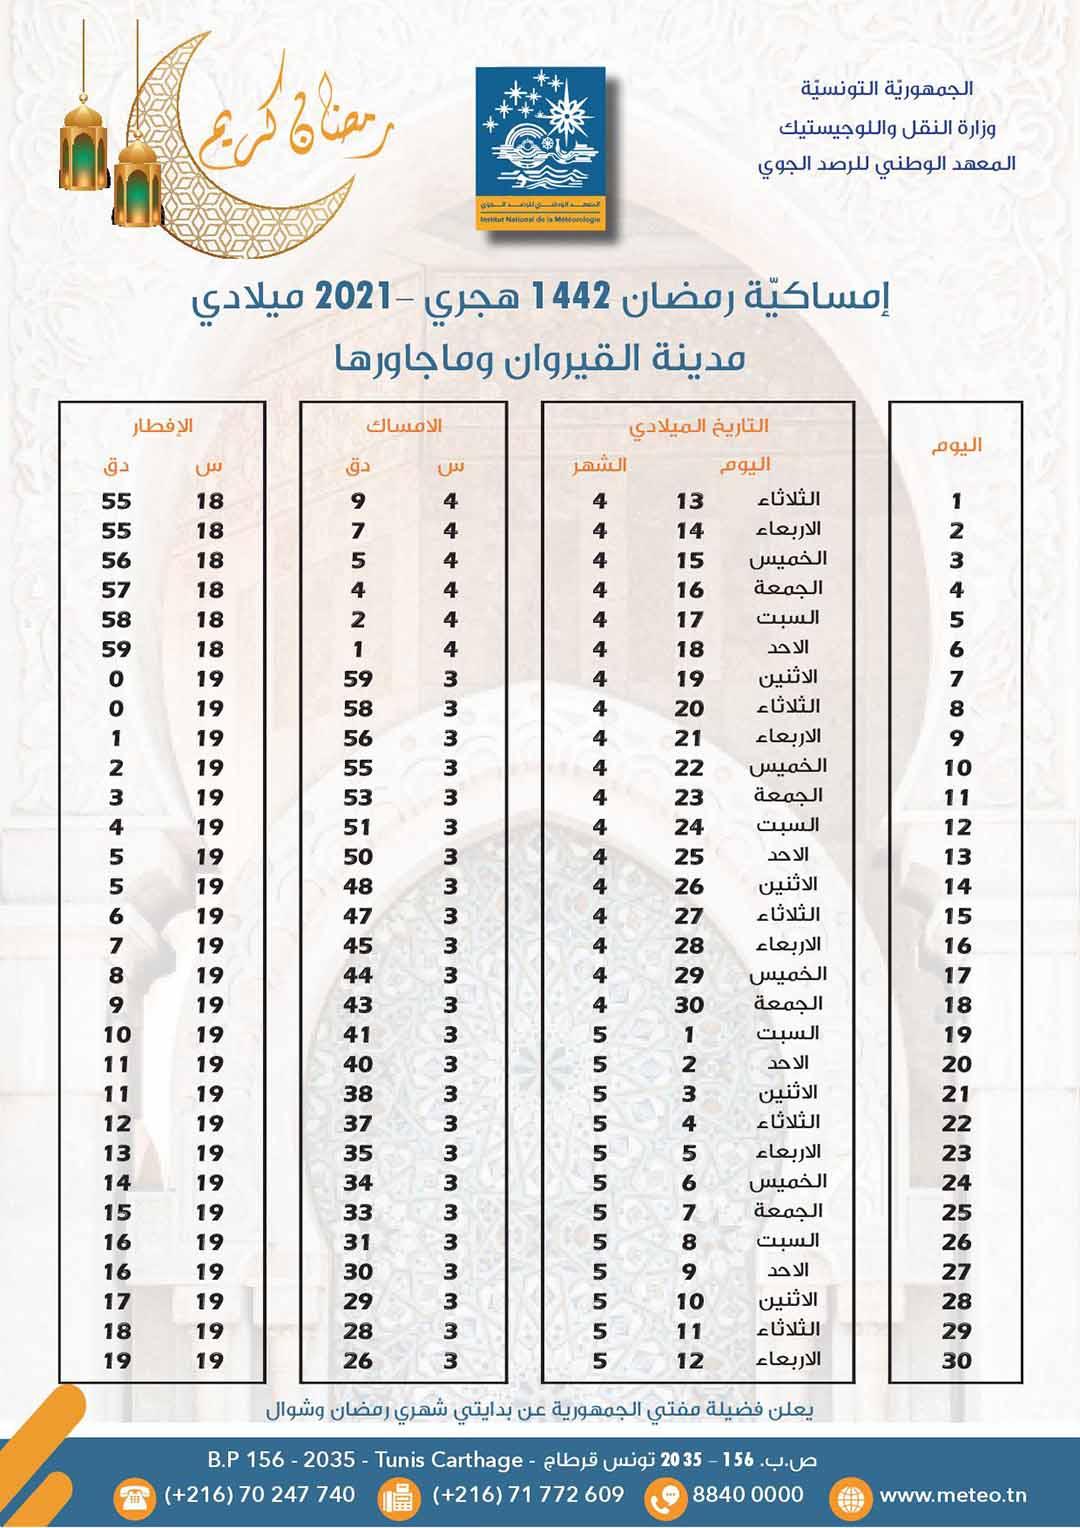 مواعيد الافطار و السحور في ولاية القيروان رمضان 2021 1 - هام: مواعيد الافطار والامساك لشهر رمضان حسب الولايات..